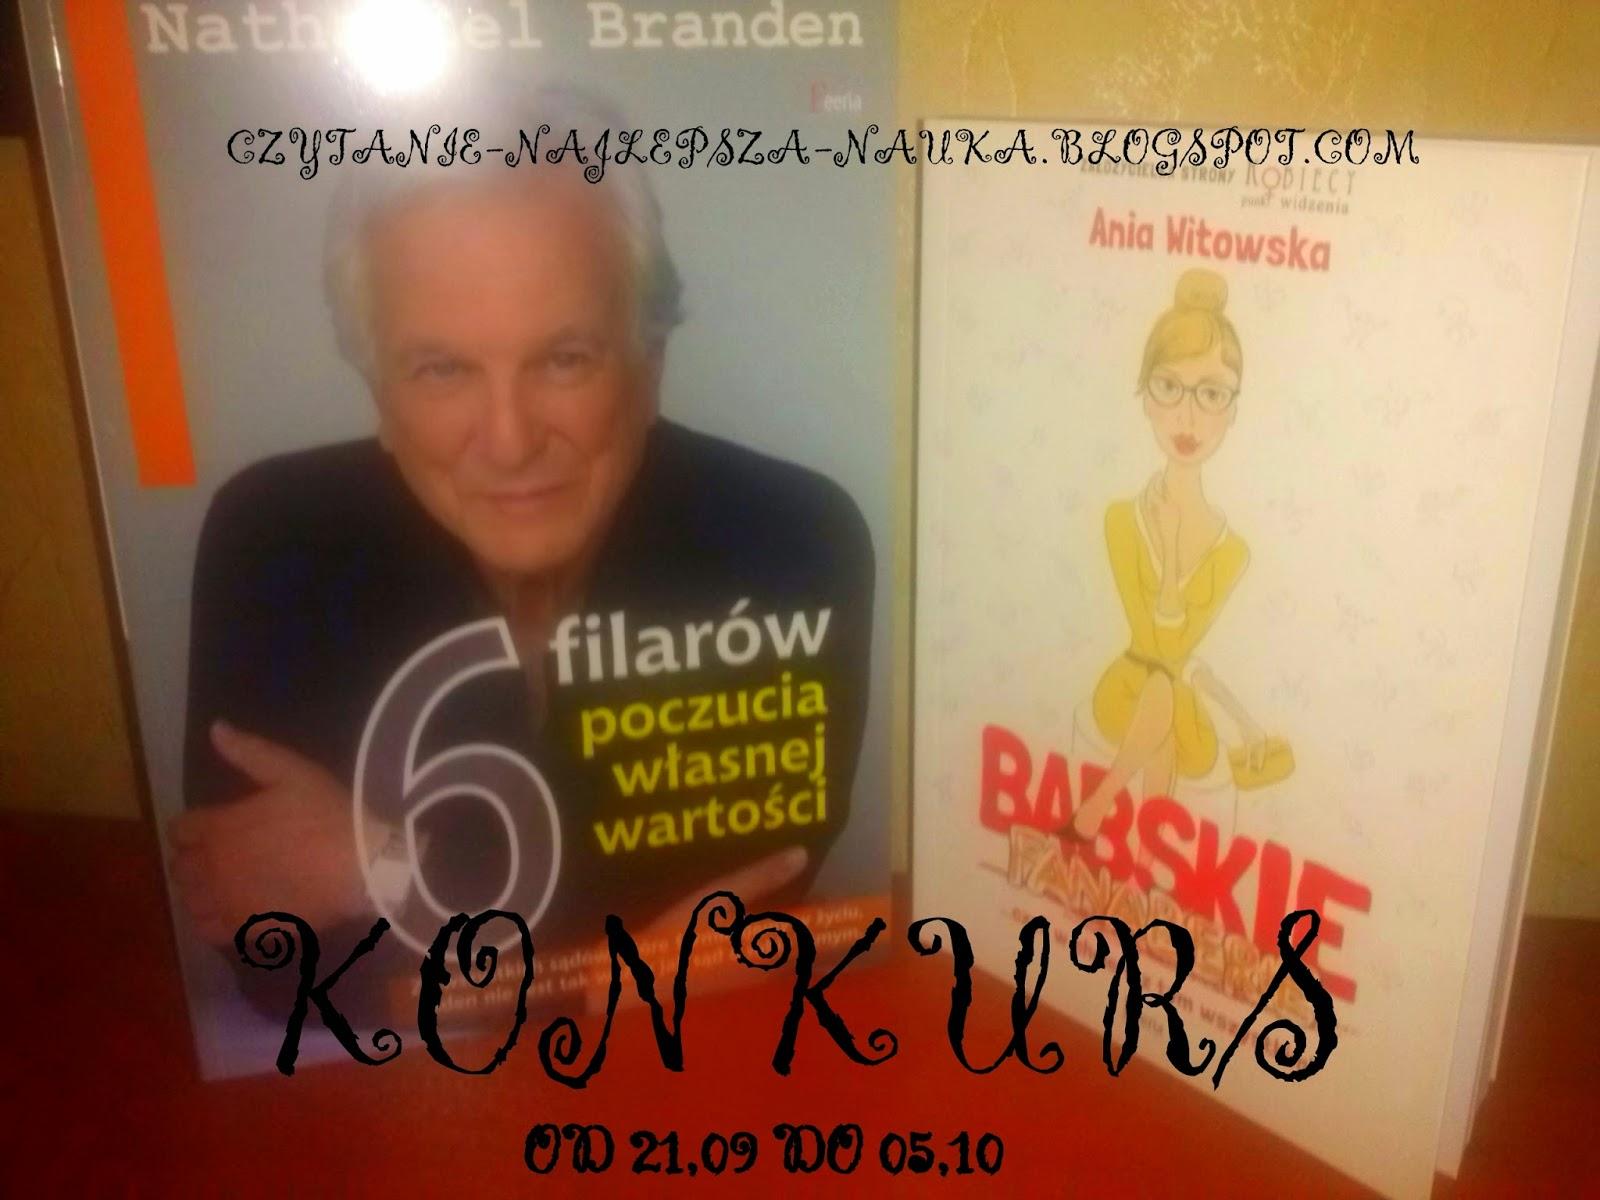 http://czytanie-najlepsza-nauka.blogspot.com/2014/09/konkurs-z-wydawnictwem-feeria.html